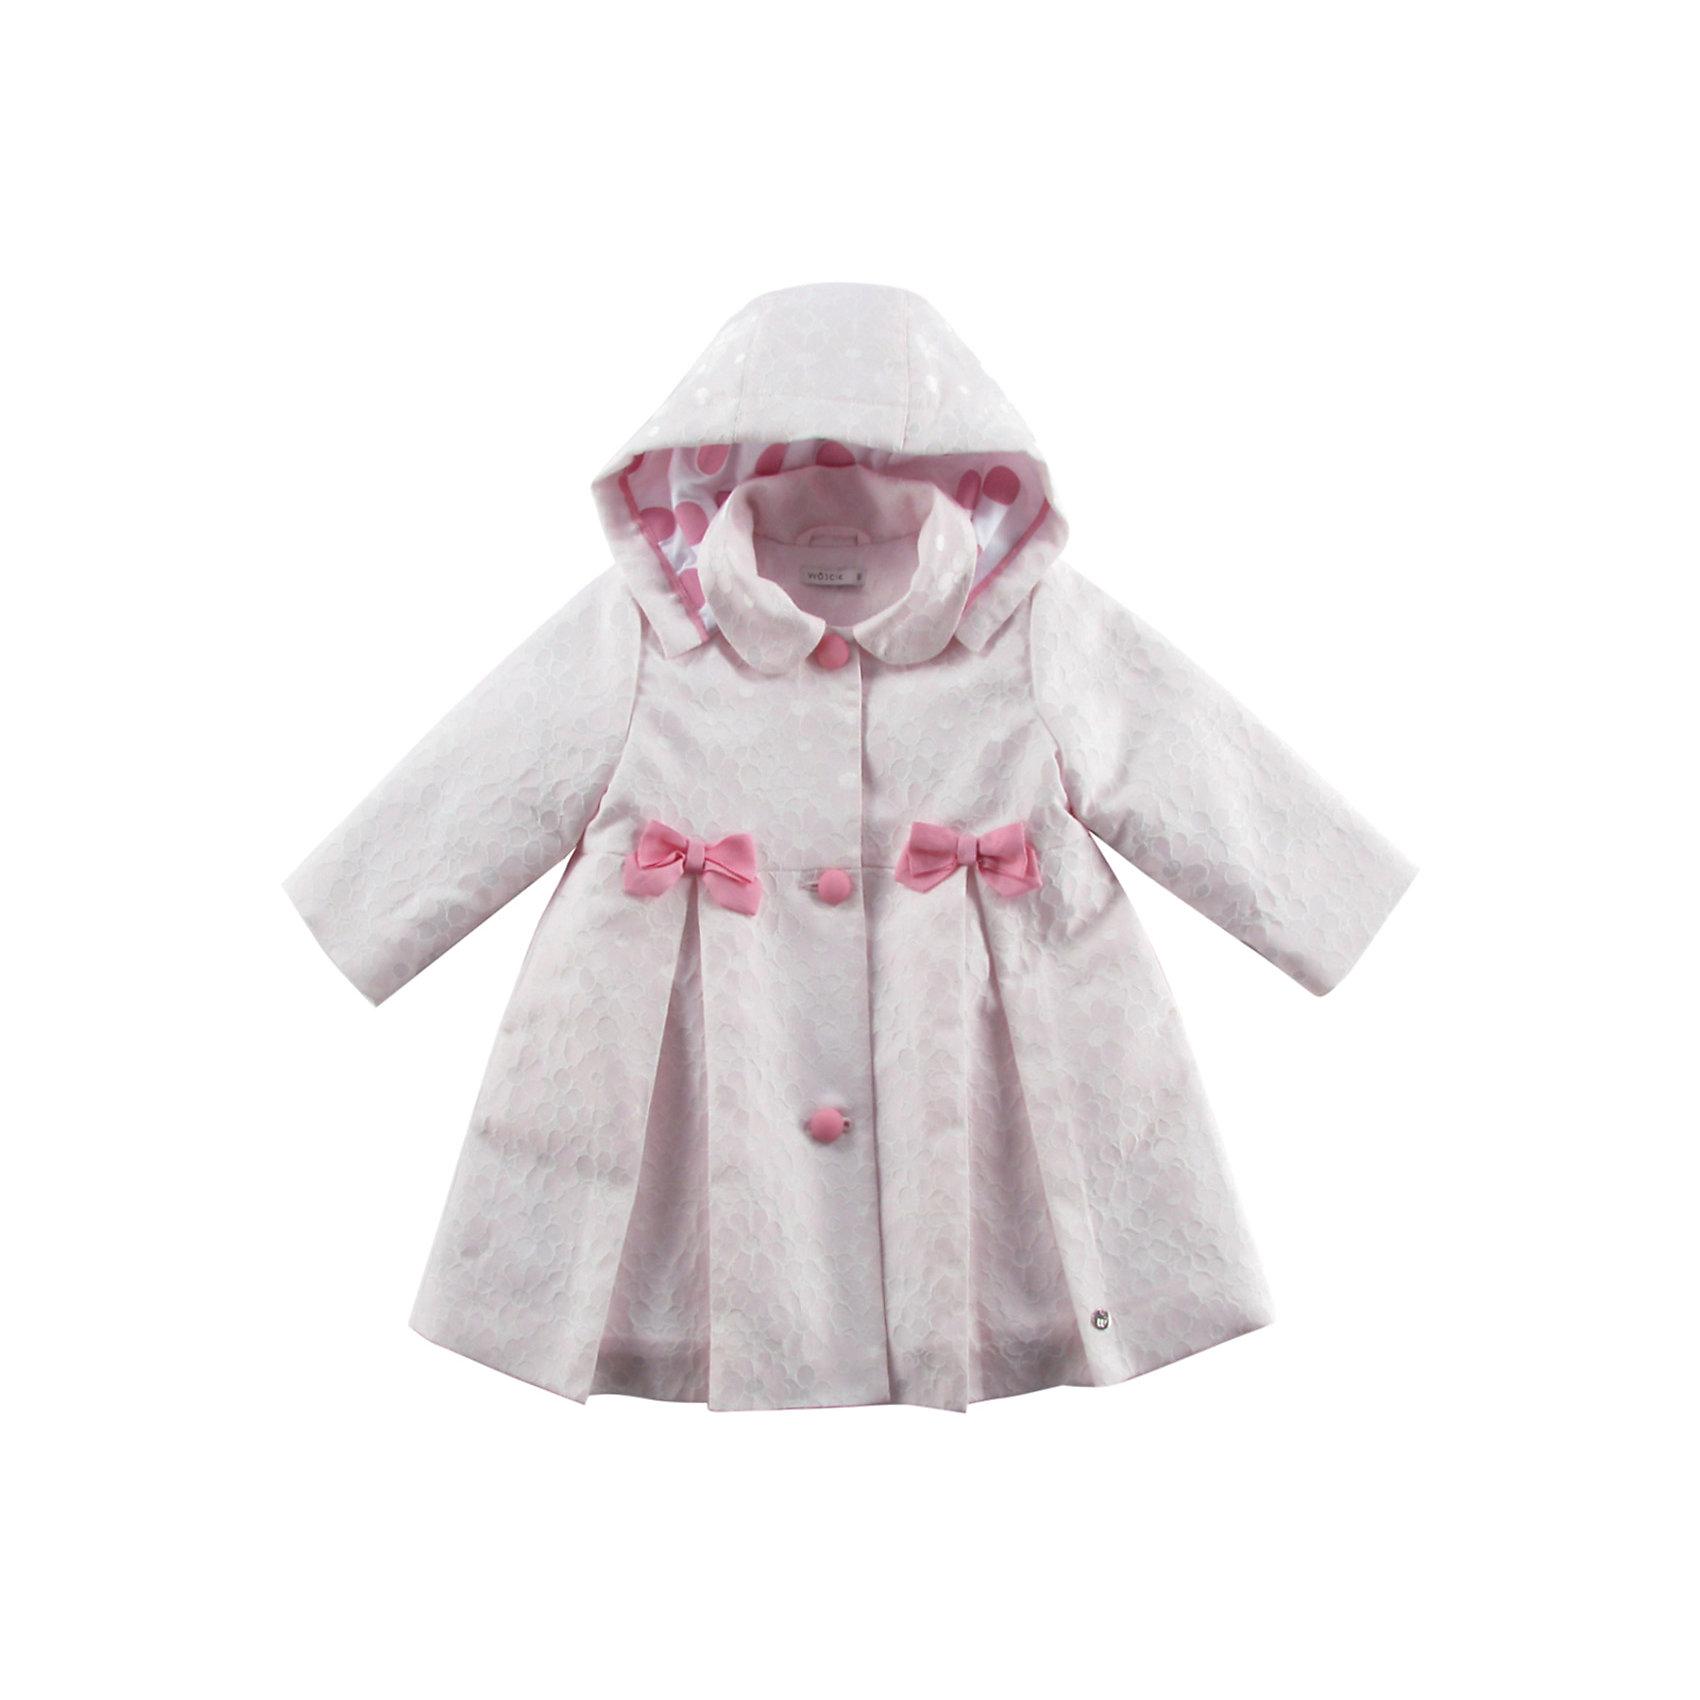 Пальто для девочки WojcikВерхняя одежда<br>Характеристики товара:<br><br>• цвет: розовый<br>• состав ткани: полиэстер 68%, вискоза 31%, эластан 1%<br>• длинные рукава<br>• капюшон<br>• температурный режим: от +5 до +20<br>• застежка: пуговицы<br>• сезон: демисезон<br>• страна бренда: Польша<br>• страна изготовитель: Польша<br><br>Польская одежда для детей от бренда Войчик - это качественные и стильные вещи. Розовое пальто для девочки Войчик отличается модным кроем и актуальным в этом сезоне цветом. <br><br>Эта модель одежды для детей сделана из качественного материала, подкладка - из дышащего натурального хлопка в составе. Пальто дополнено удобным капюшоном.<br><br>Пальто для девочки Wojcik (Войчик) можно купить в нашем интернет-магазине.<br><br>Ширина мм: 356<br>Глубина мм: 10<br>Высота мм: 245<br>Вес г: 519<br>Цвет: белый<br>Возраст от месяцев: 24<br>Возраст до месяцев: 36<br>Пол: Женский<br>Возраст: Детский<br>Размер: 98,92<br>SKU: 5590522